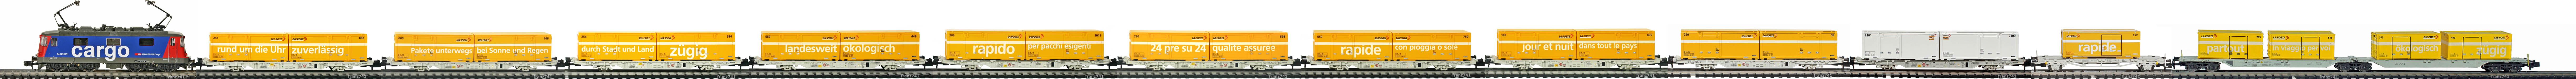 Epoche-V-SBB-Post-Container-Gueterzug_Re-421-Elok-Postwagen-Typ-Lgnss-Sdggmrs